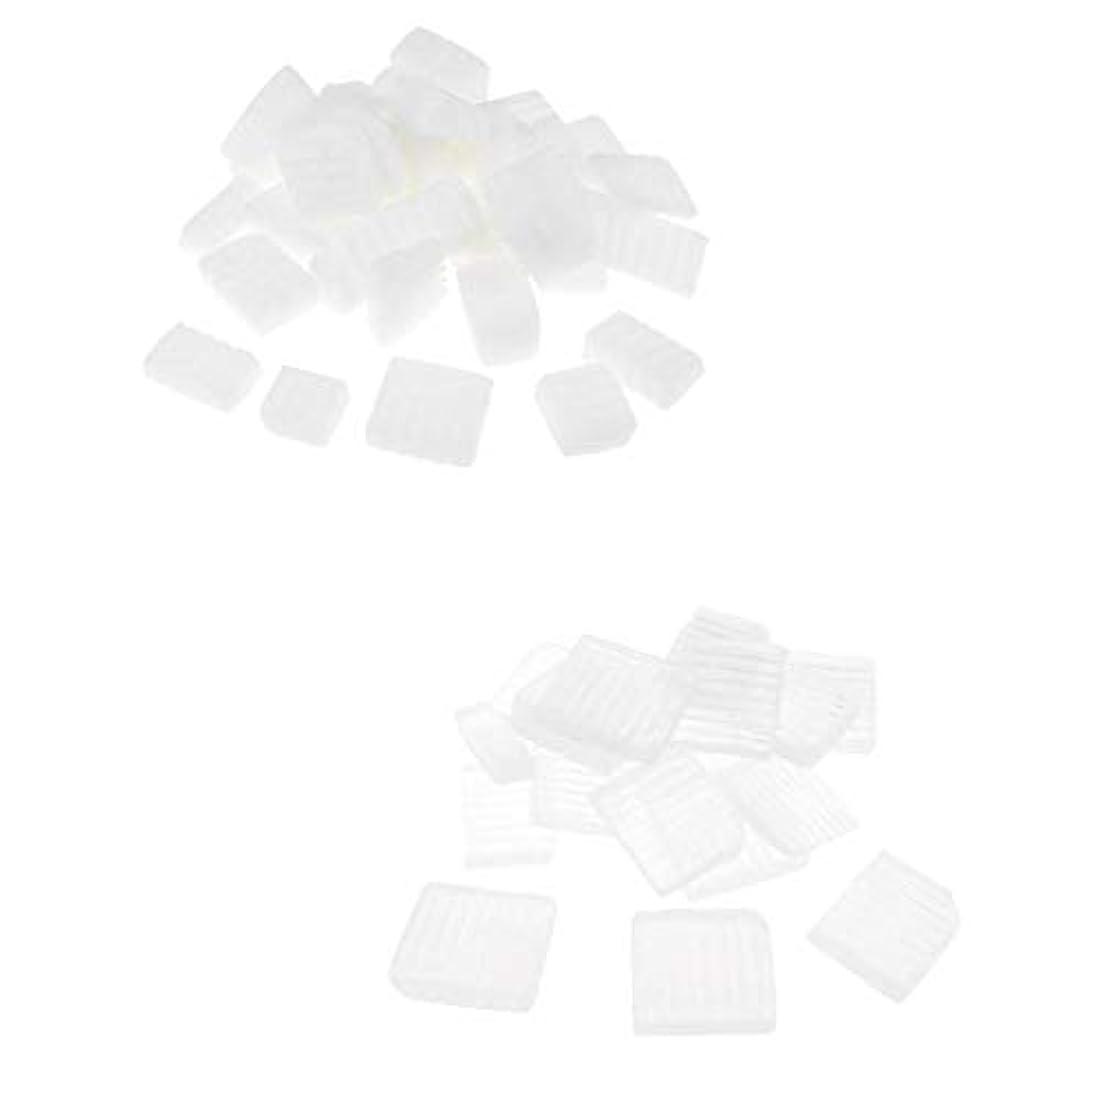 くぼみ実行電報FLAMEER 固形せっけん 石鹸ベース 2KG ホワイトクリア DIY製造 工芸品 ハンドメイド 石鹸原料 耐久性